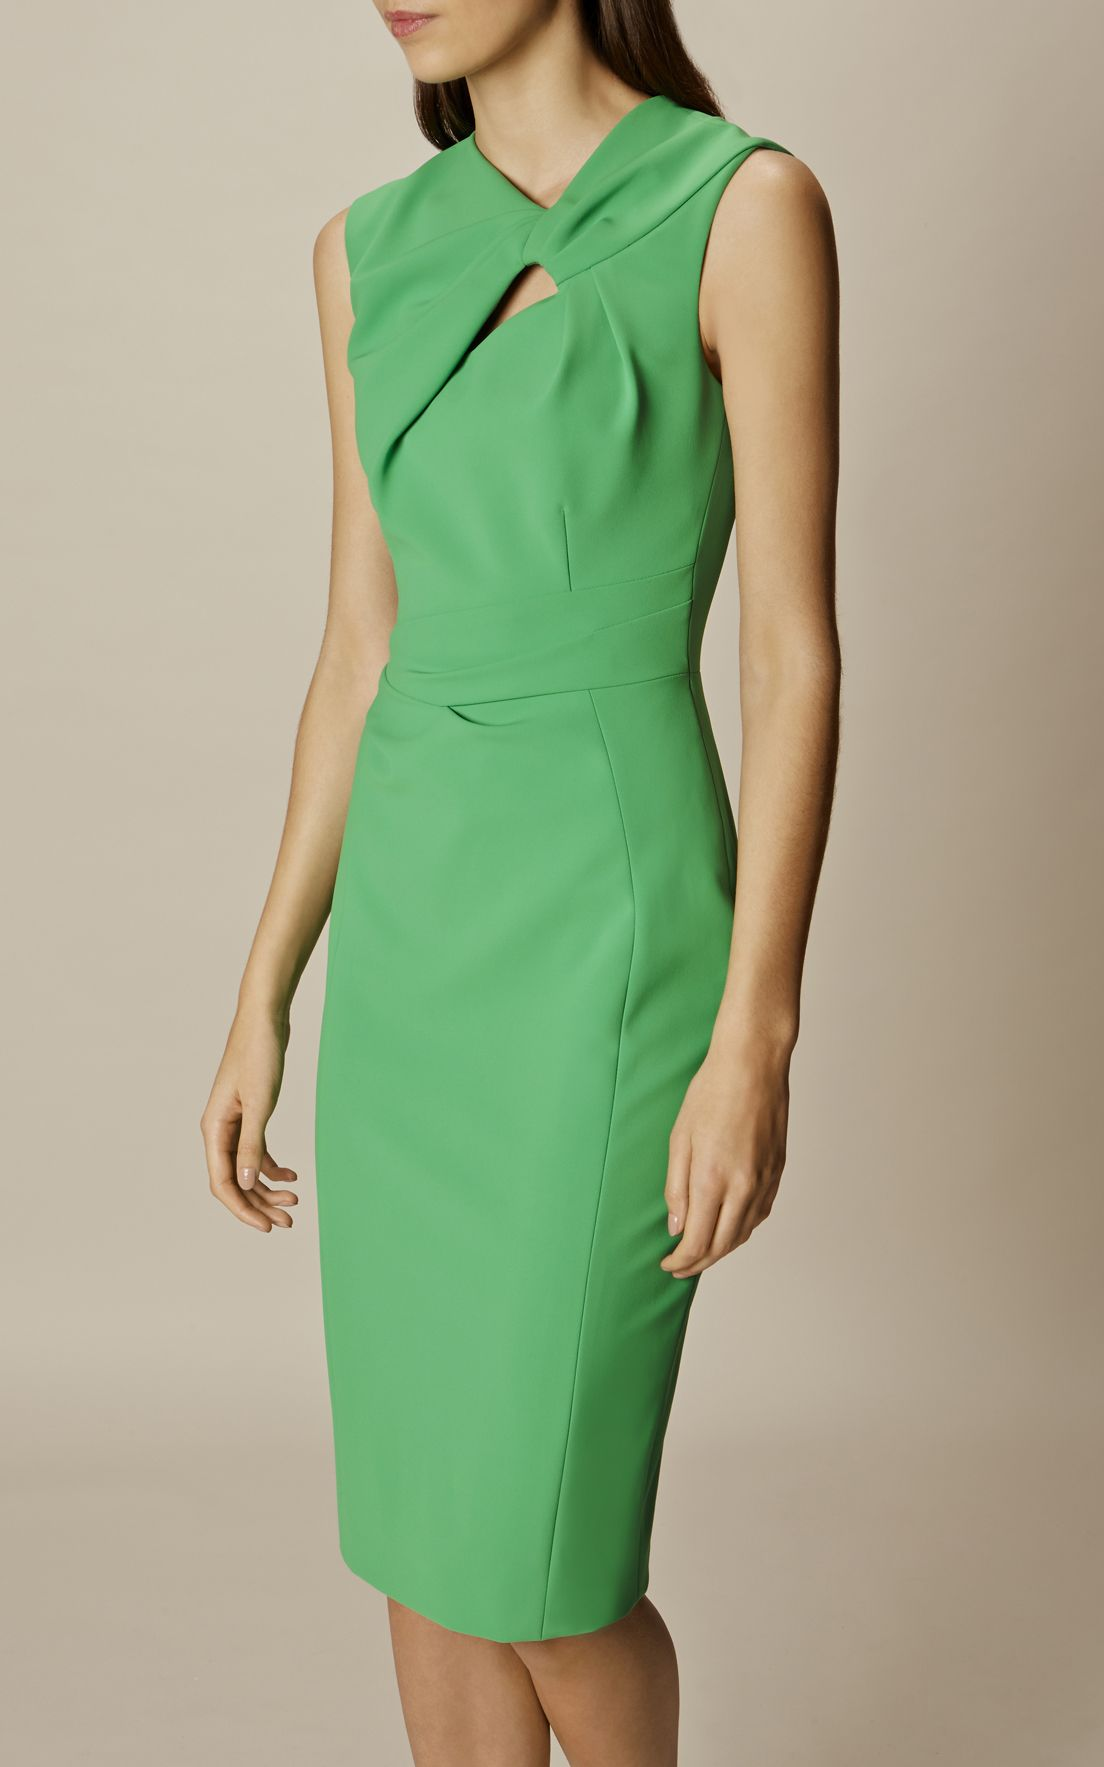 5e88feecd463d4 Karen Millen, KNOT DETAIL PENCIL DRESS Green | fashion | Pencil ...